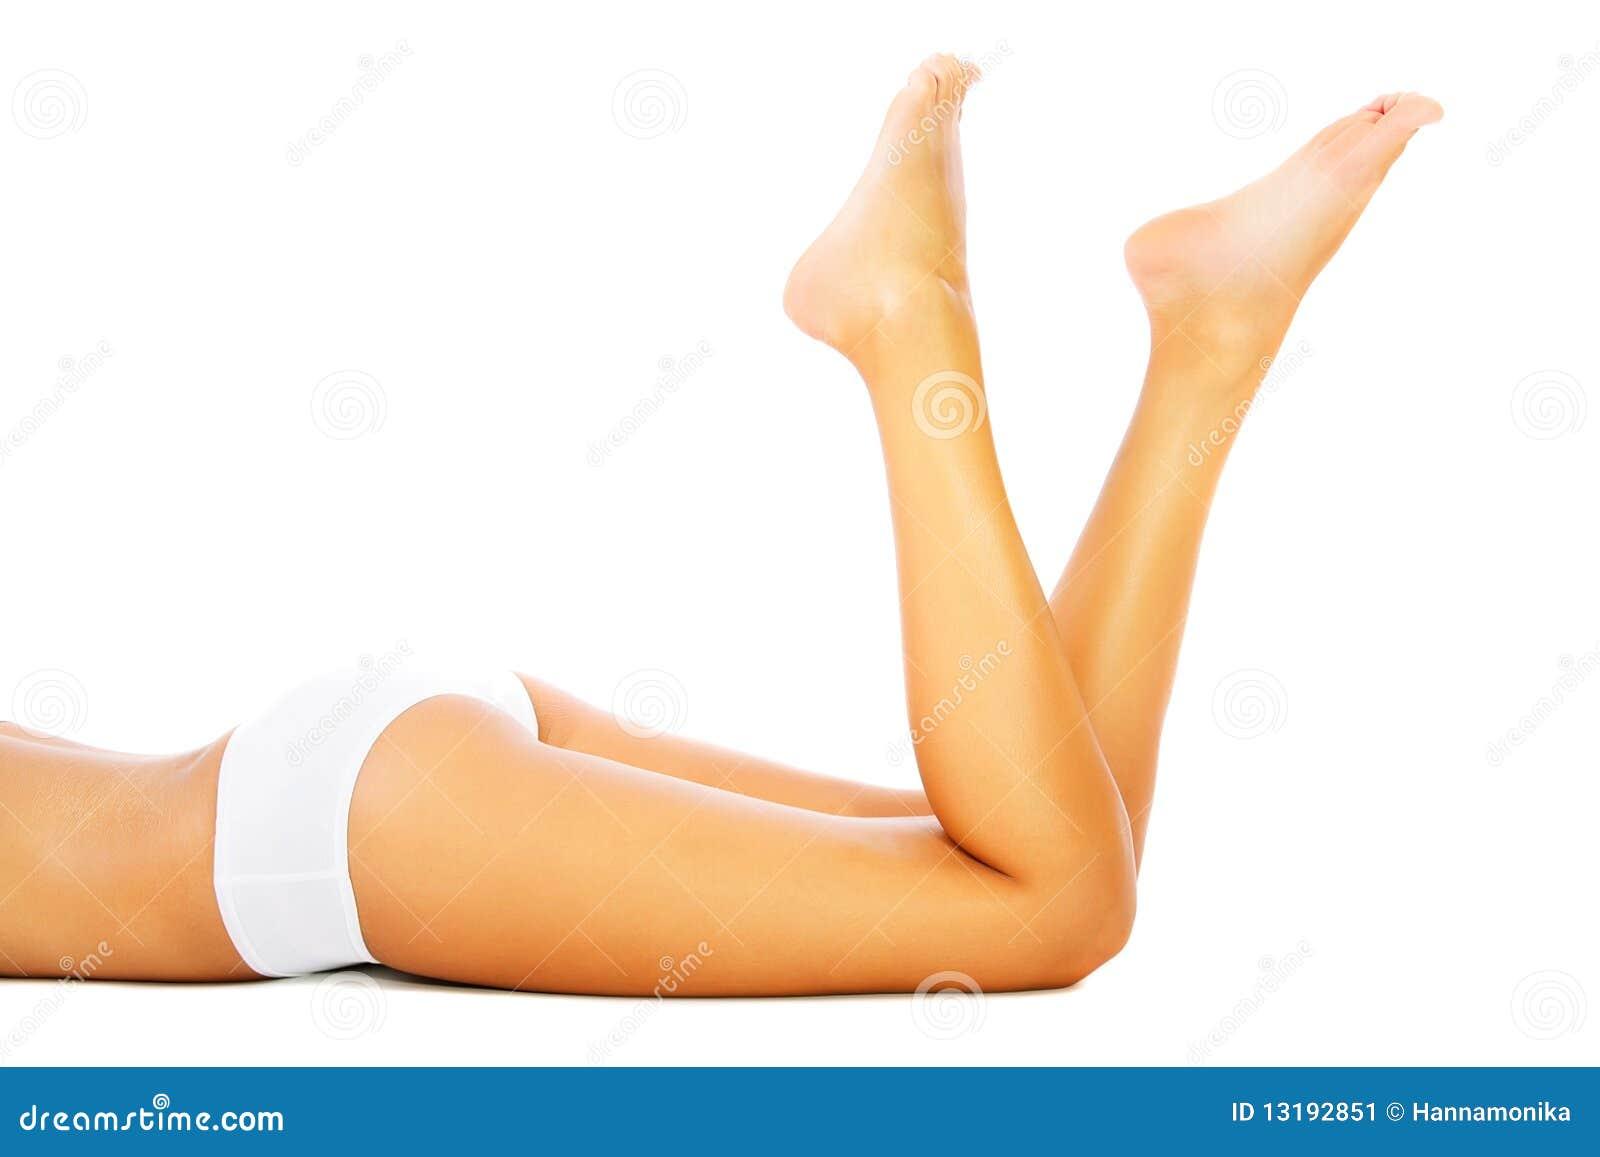 Mooi vrouwelijk benen en lichaam.